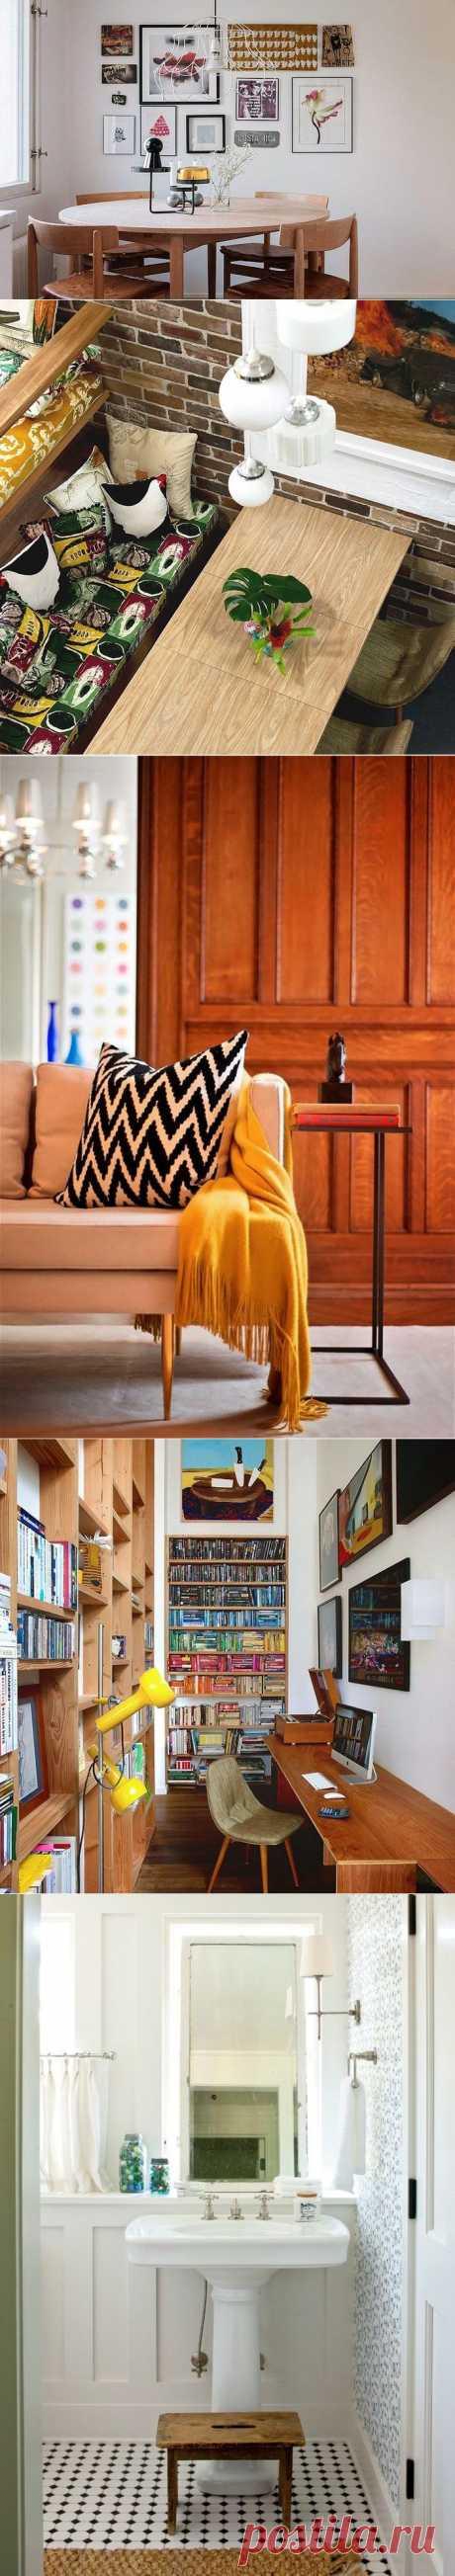 Как выбрать свой стиль интерьера: 10 приемов и советов - Портал «Домашний»